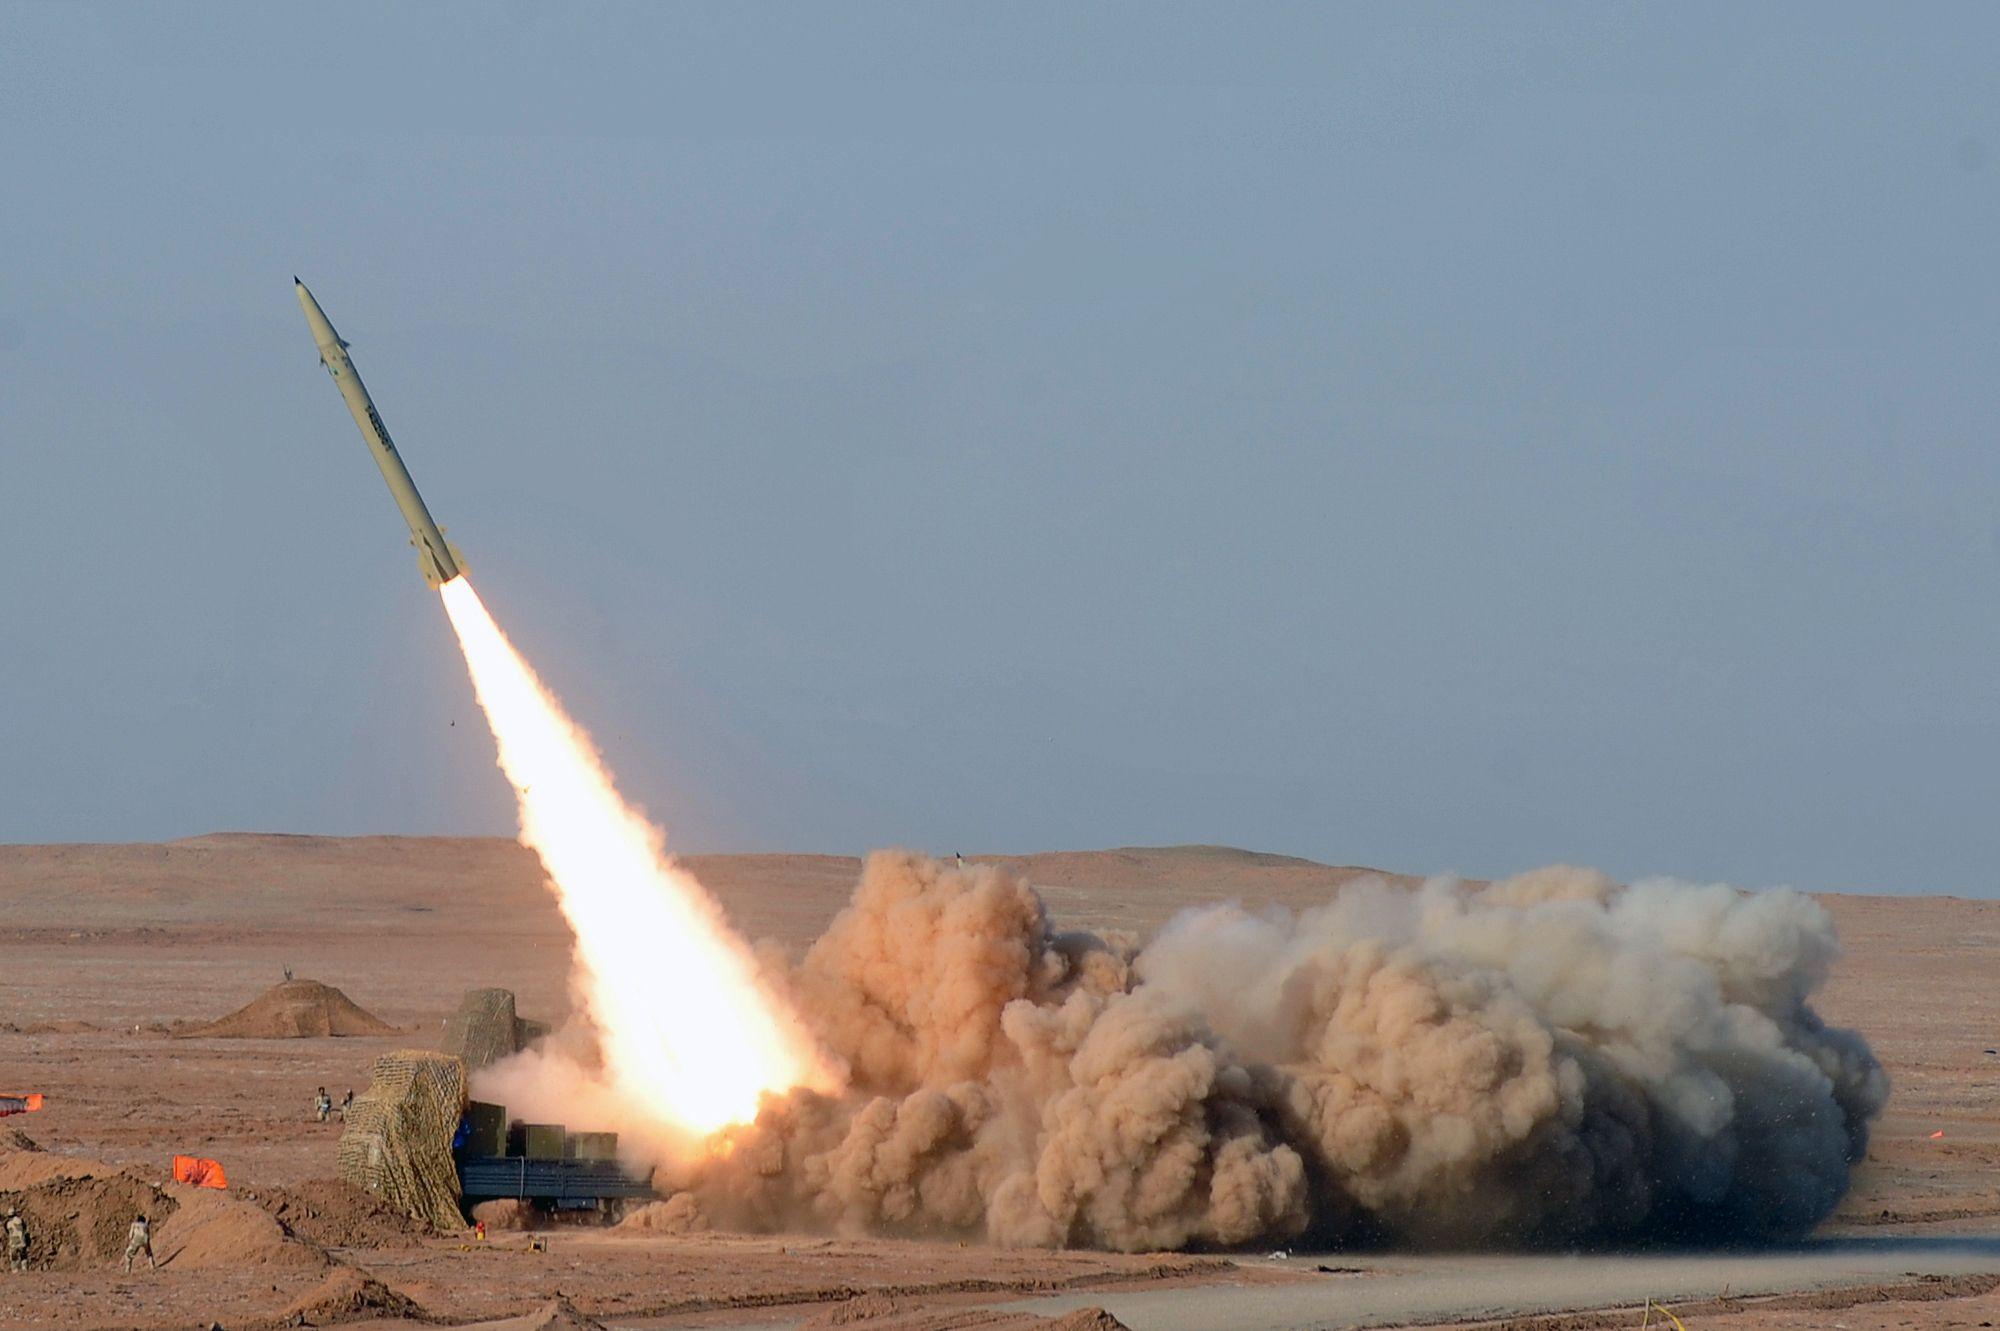 揭秘伊朗袭击美军导弹型号:显然有所保留 防止美国反击